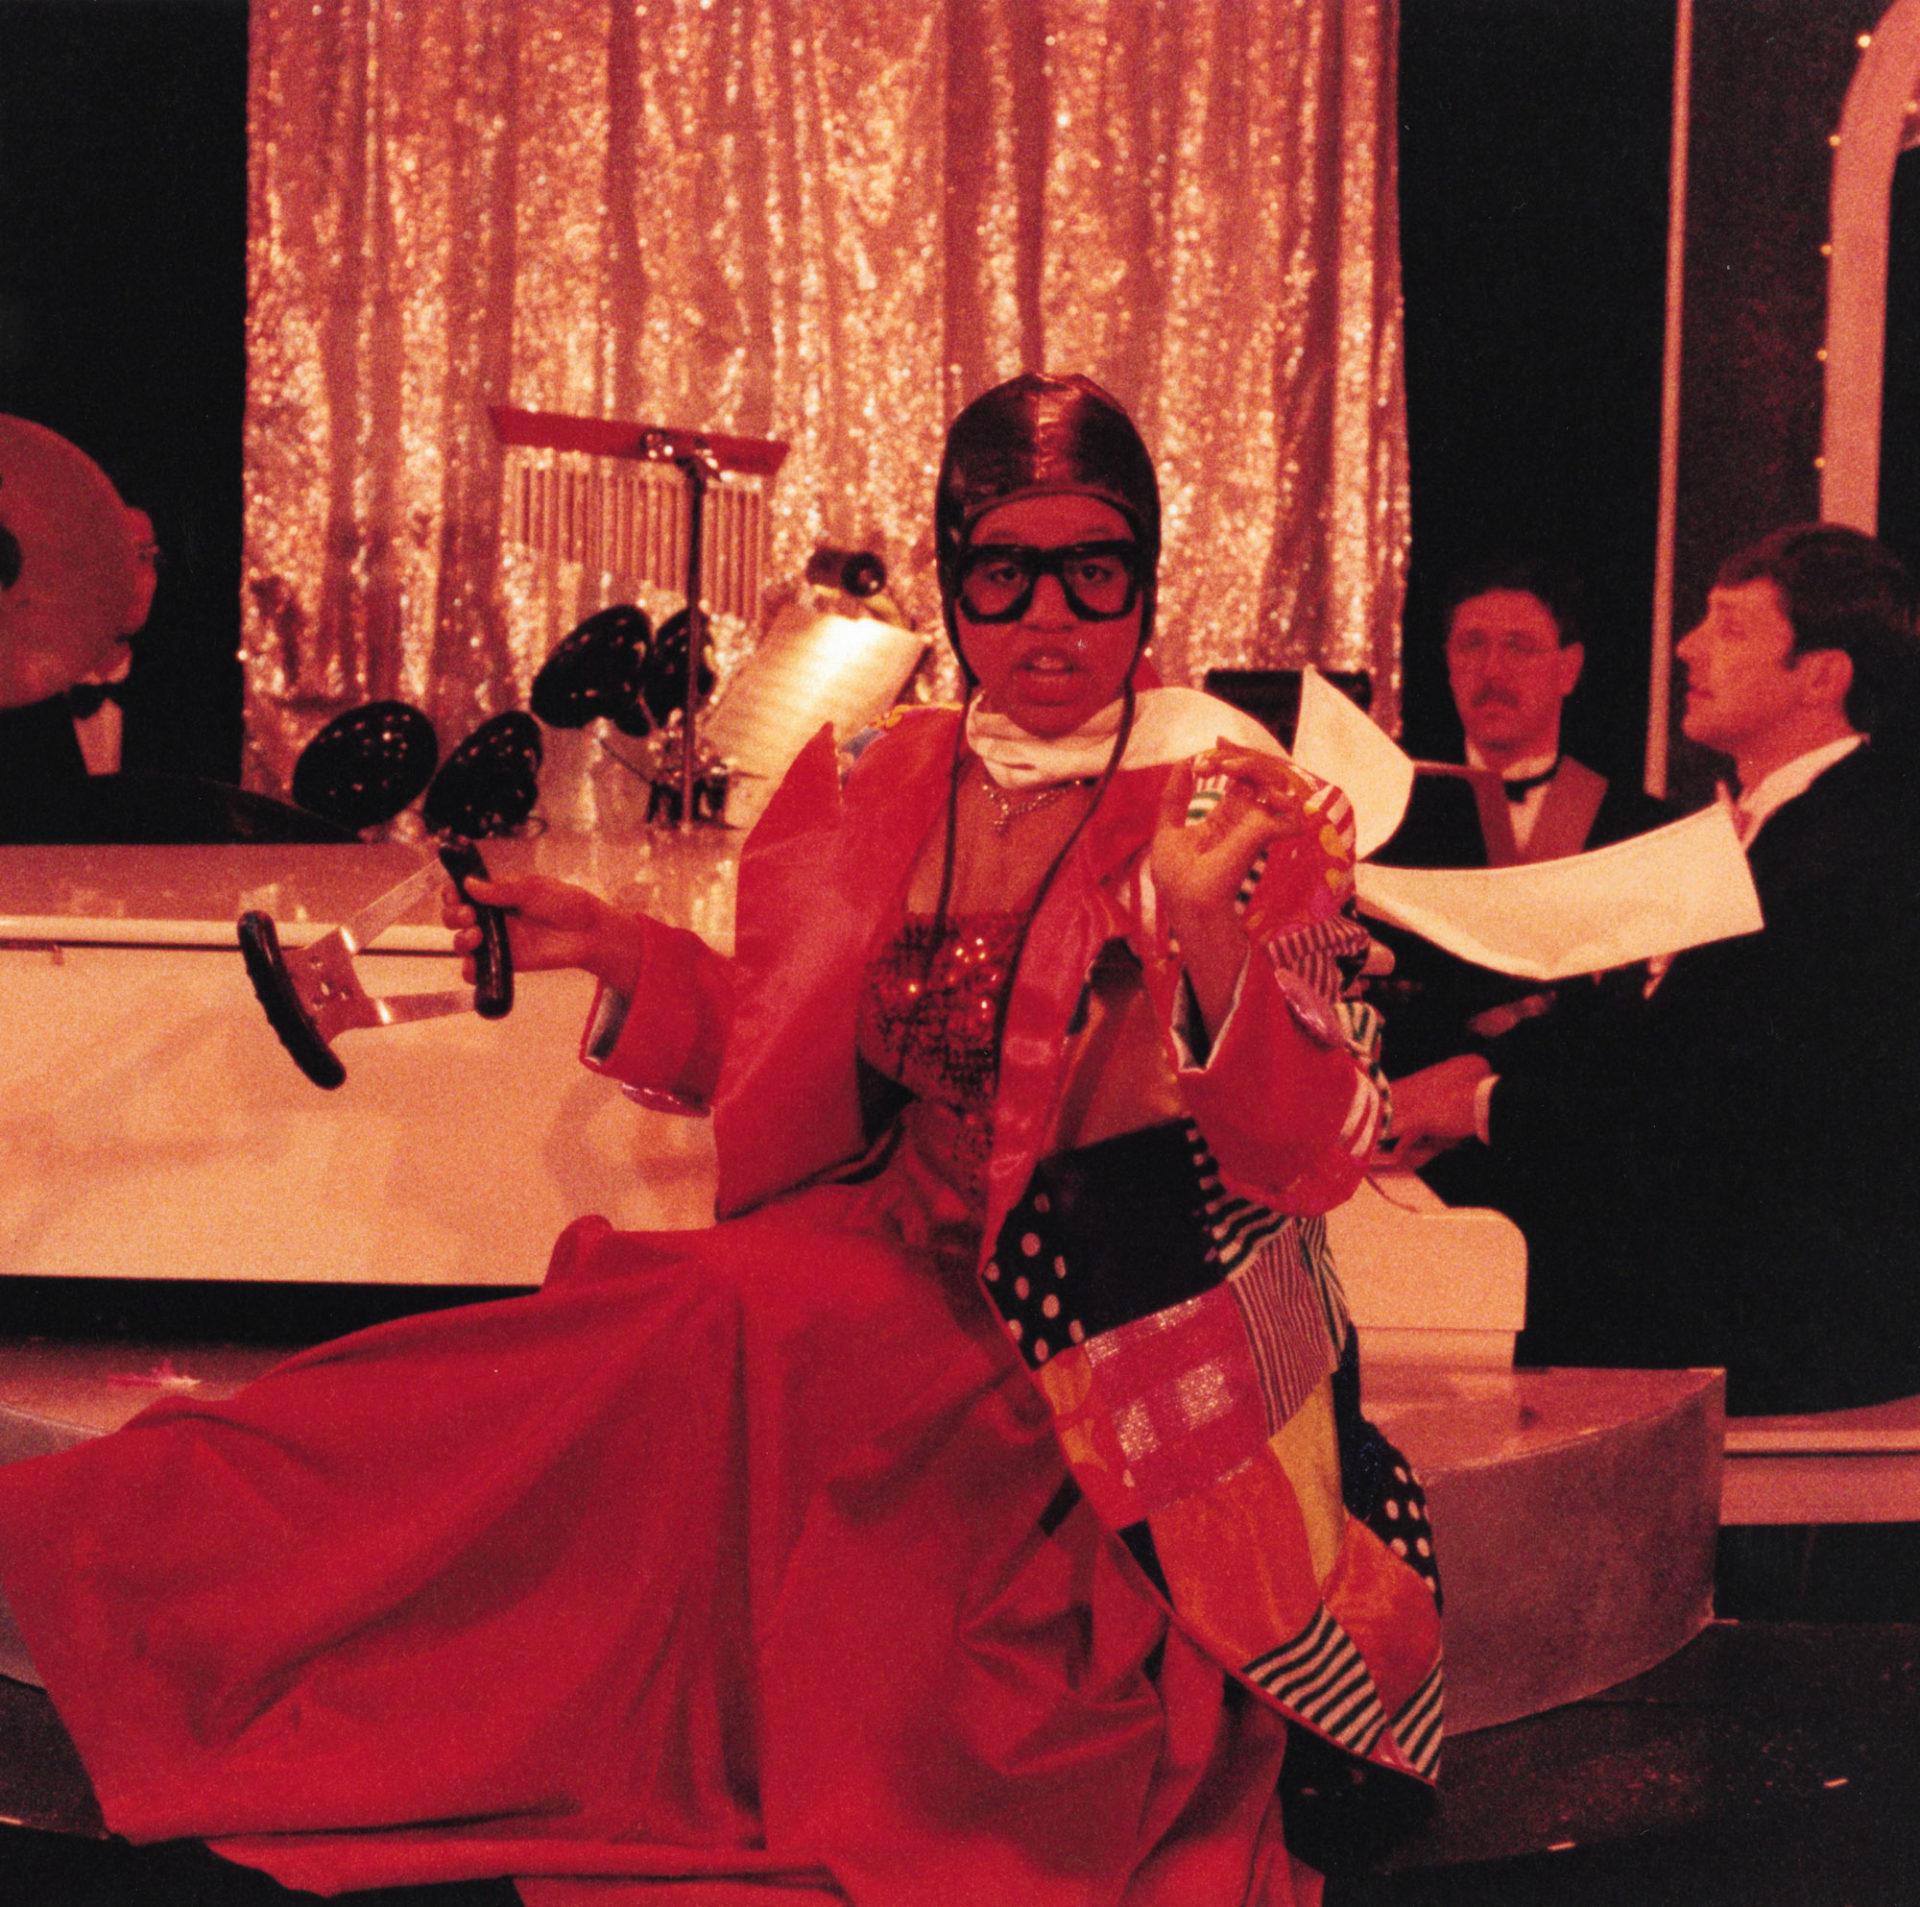 Anita performing in Jersey Girls.